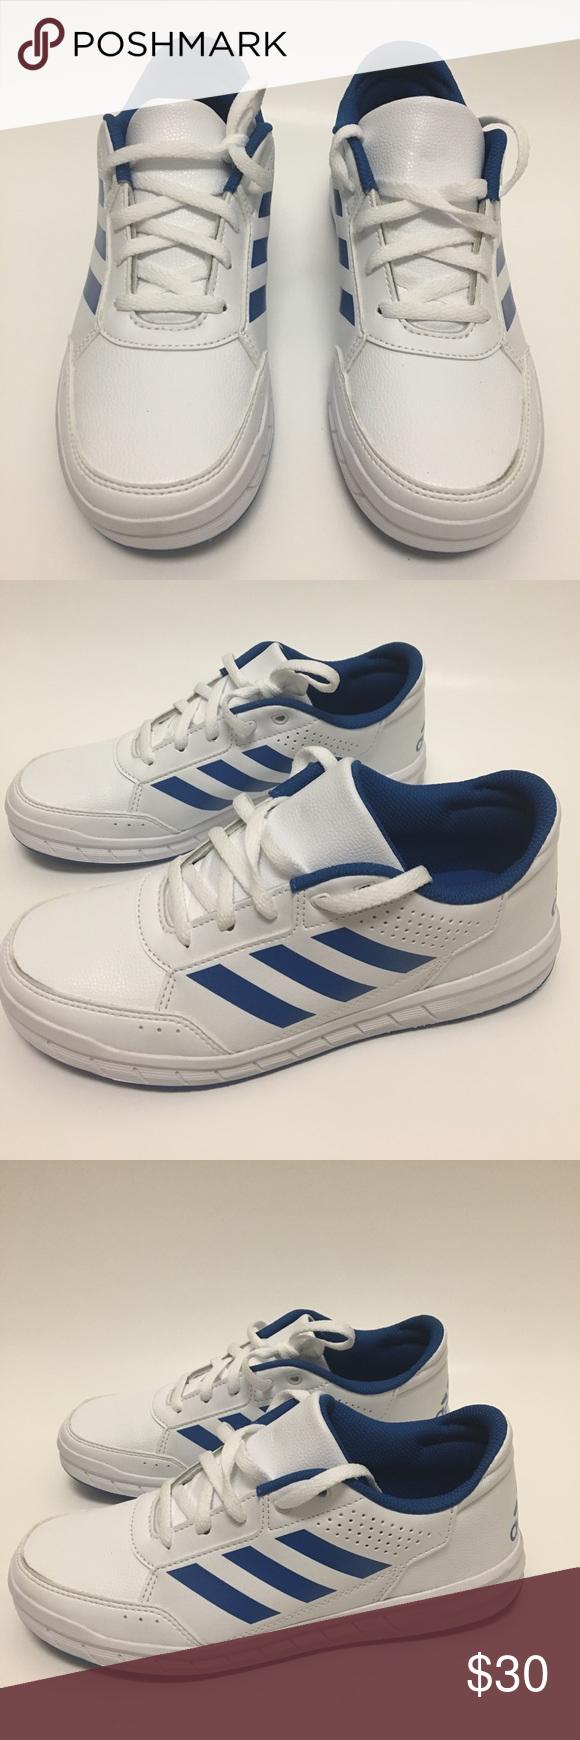 Adidas Eco ortholite shoes | Shoes